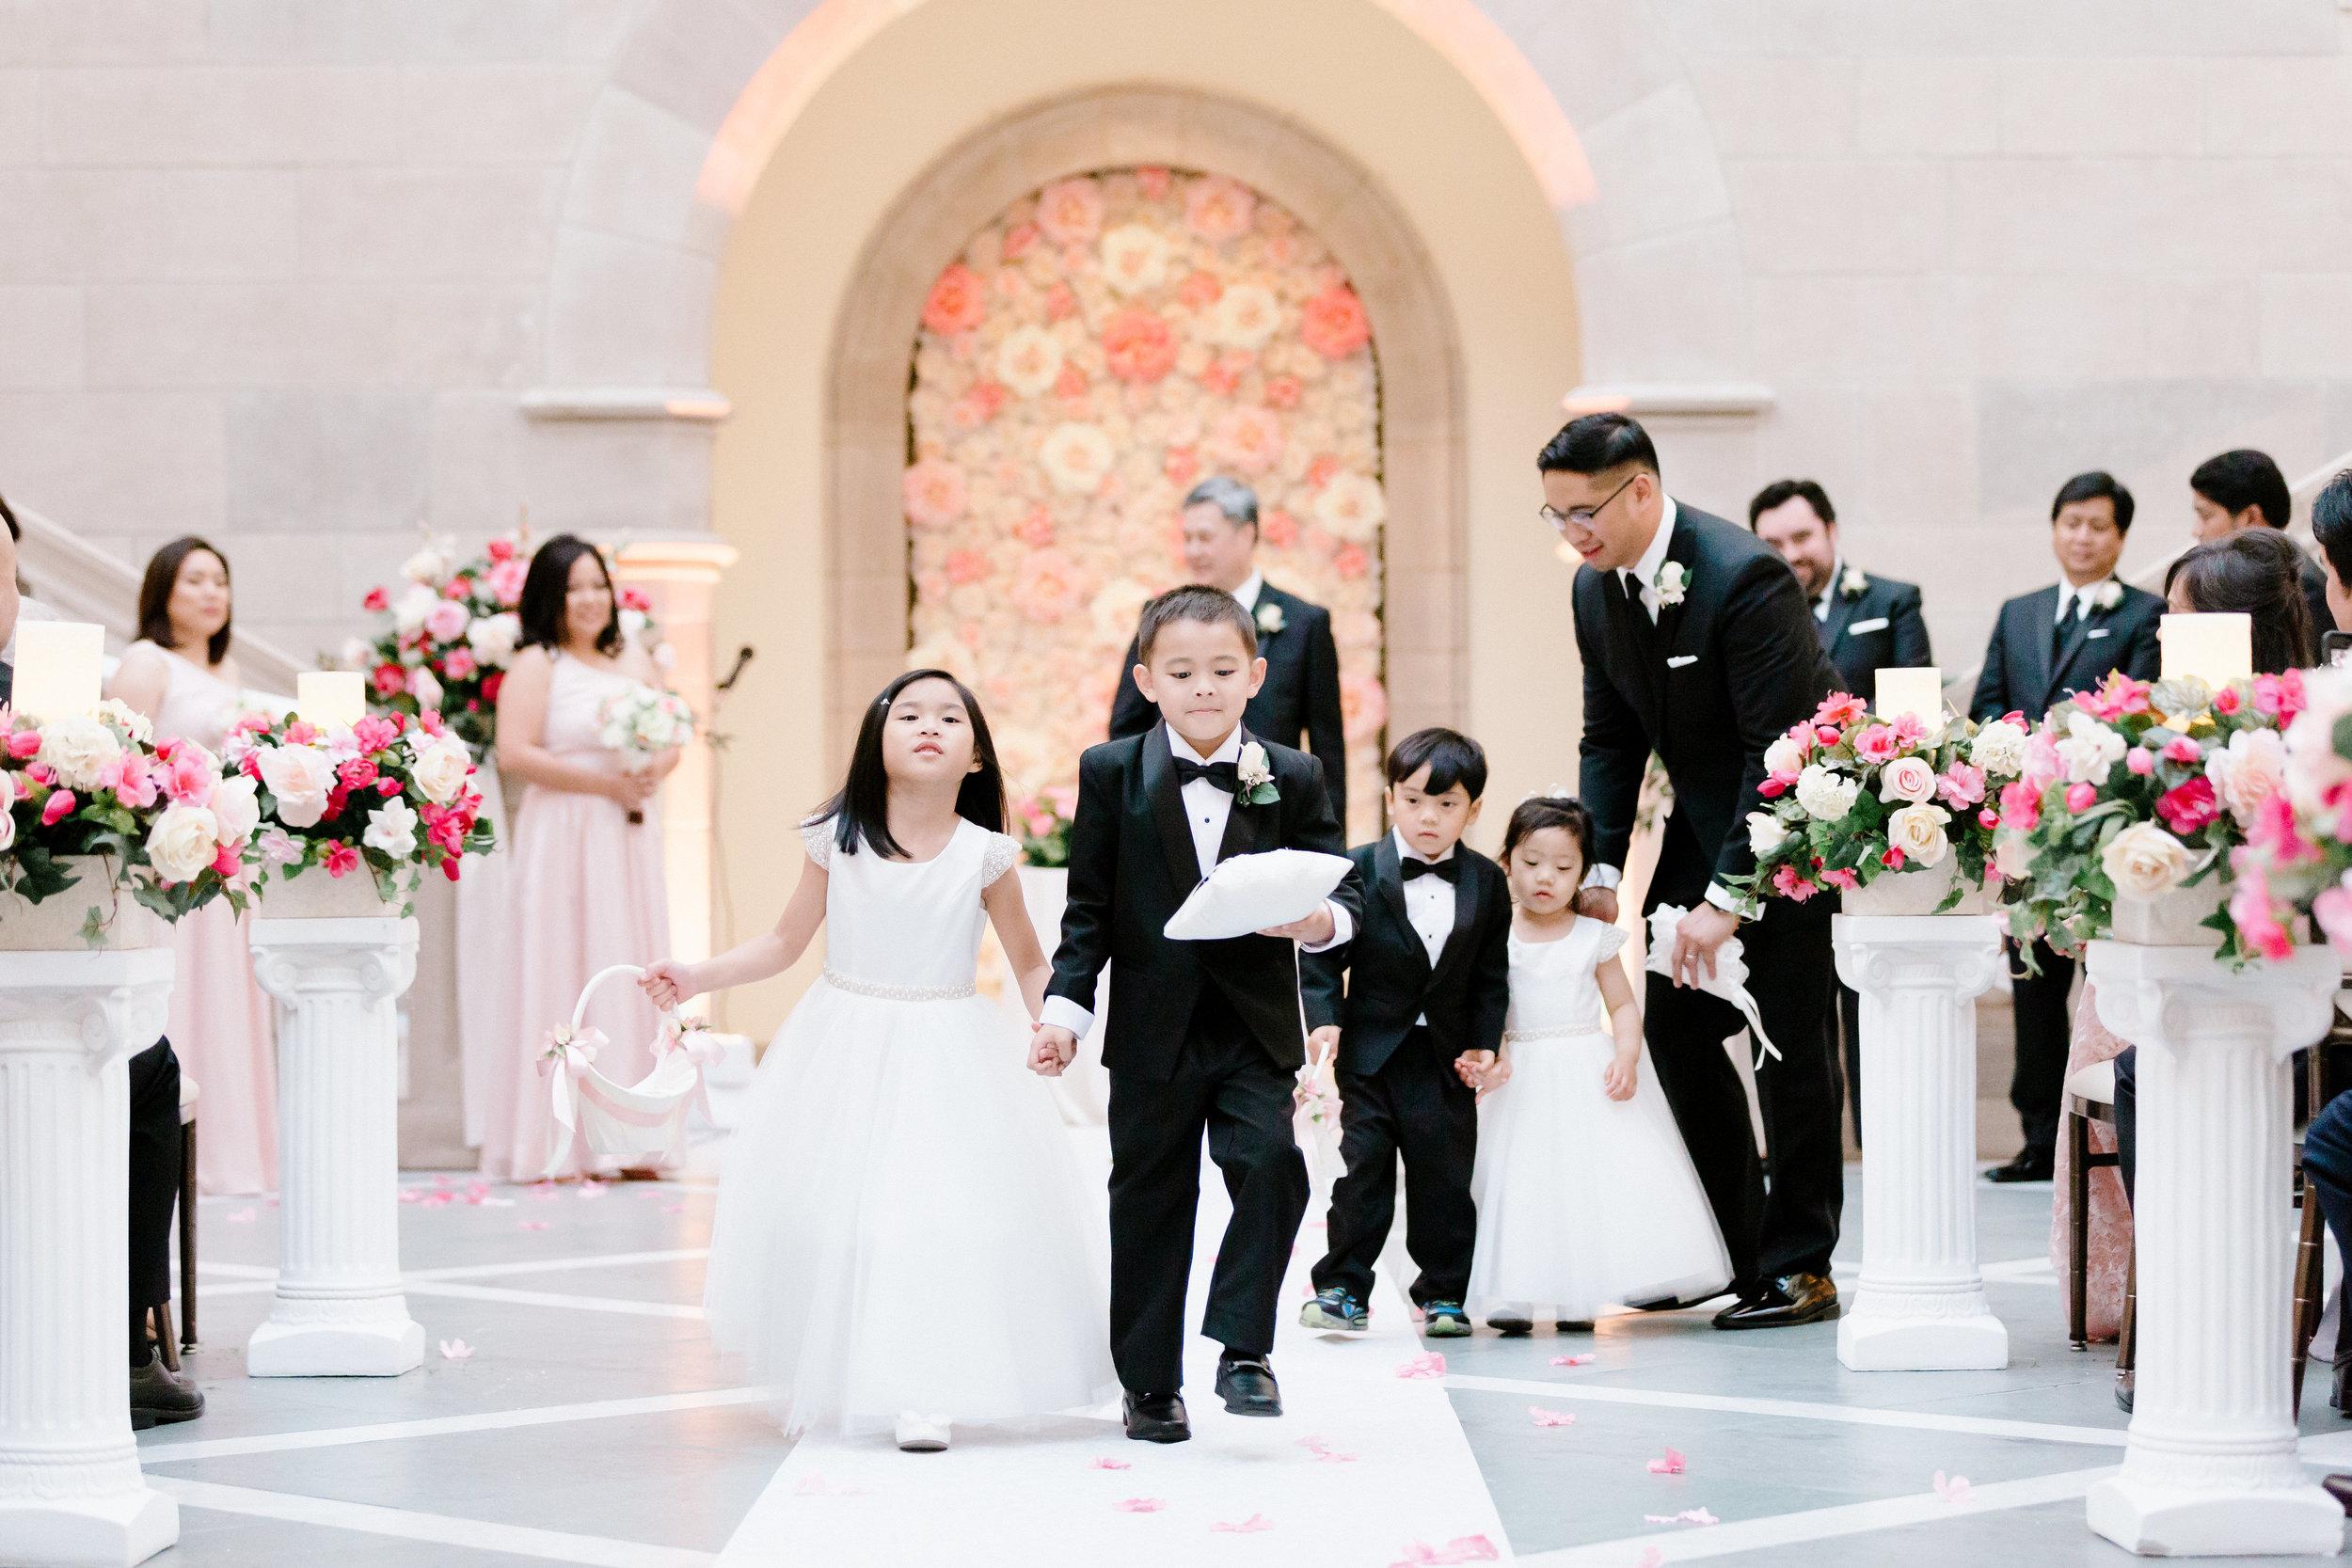 05_28_17_Wedding_439.jpg